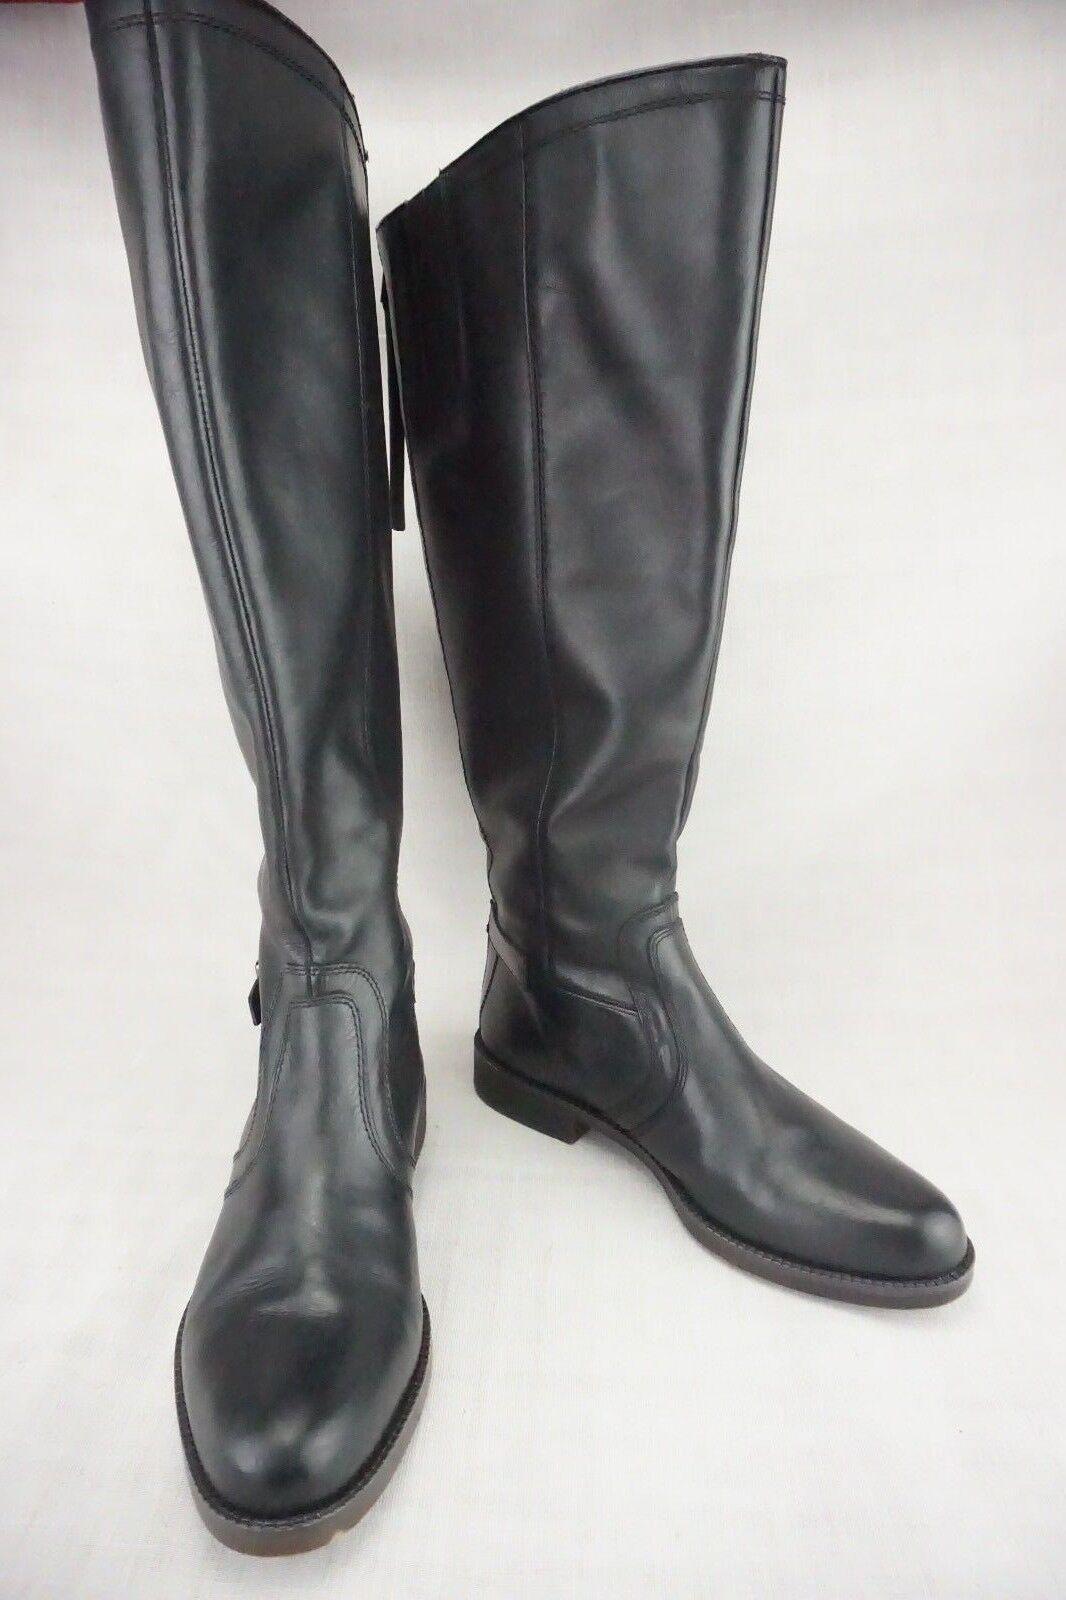 wholesape economico SARTO By Franco Sarto Sarto Sarto Carlana Zipper nero Leather Riding avvio Donna  US 8.5 B  Spedizione gratuita al 100%